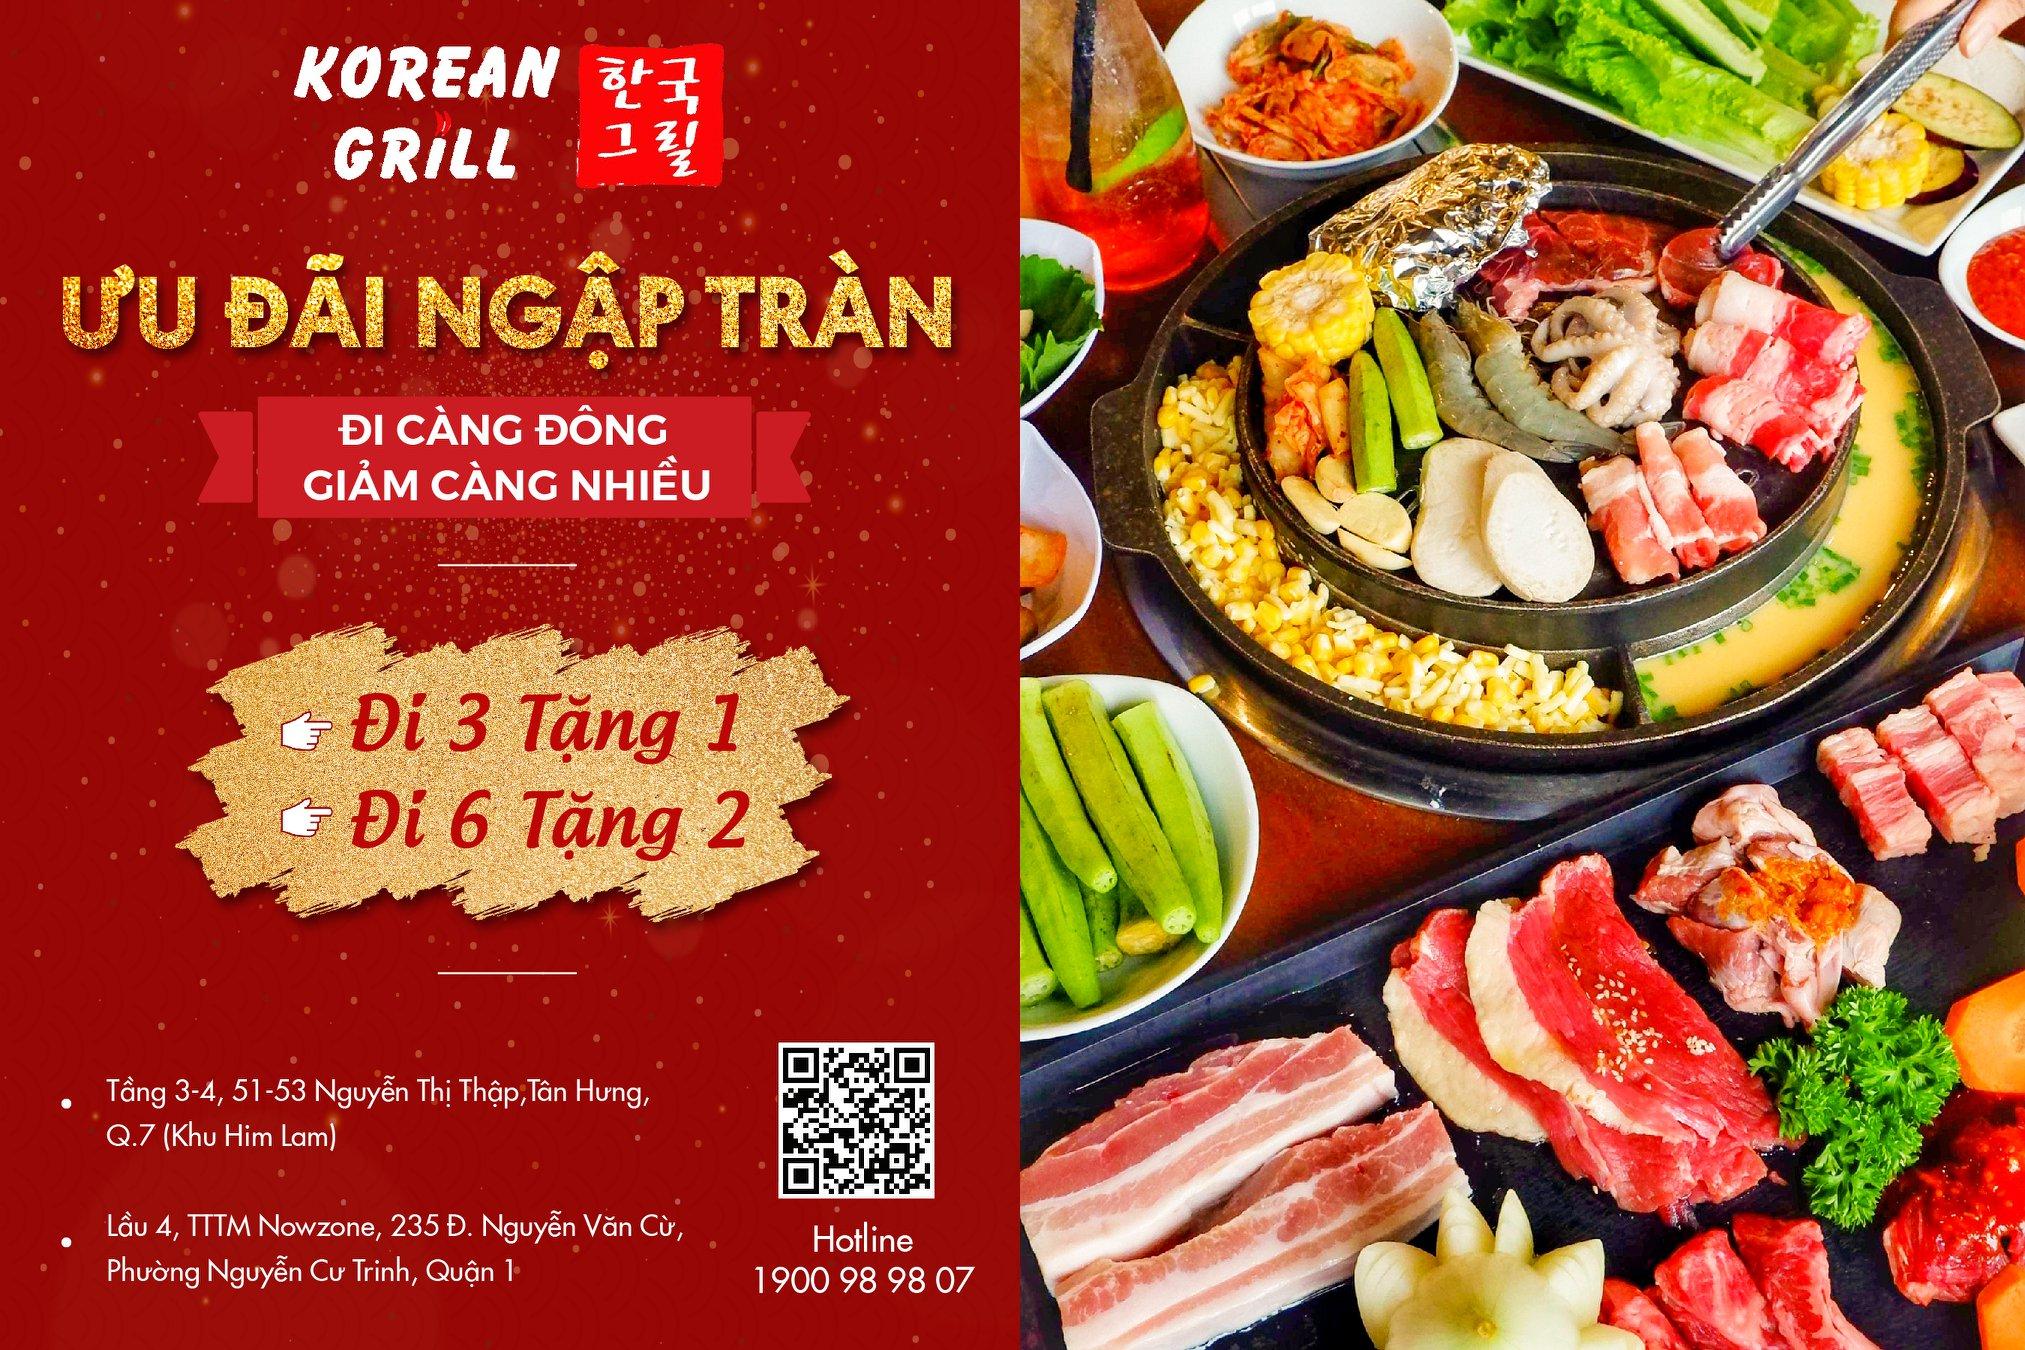 Khuyến mãi ăn uống tuần này (1/3-7/3): Korean Grill - Buzza BBQ 'đi 3 tặng 1, đi 6 tặng 2', Comebuy giảm đến 30% - Ảnh 5.